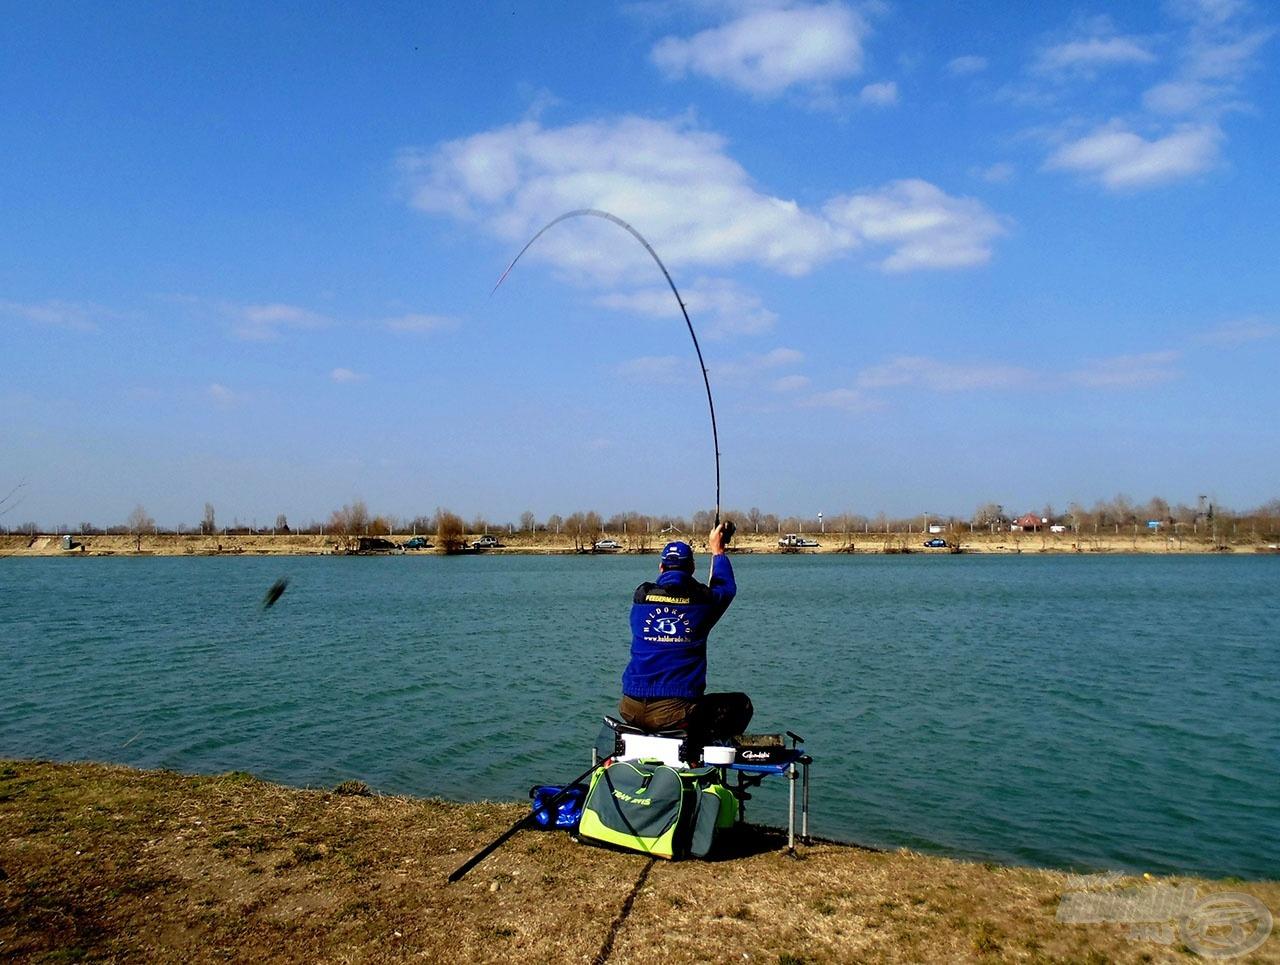 A bot rugalmasságának köszönhetően még ülve is lehet nagyot dobni a Solution feederrel, amely még gyorsabbá teszi a horgászatot